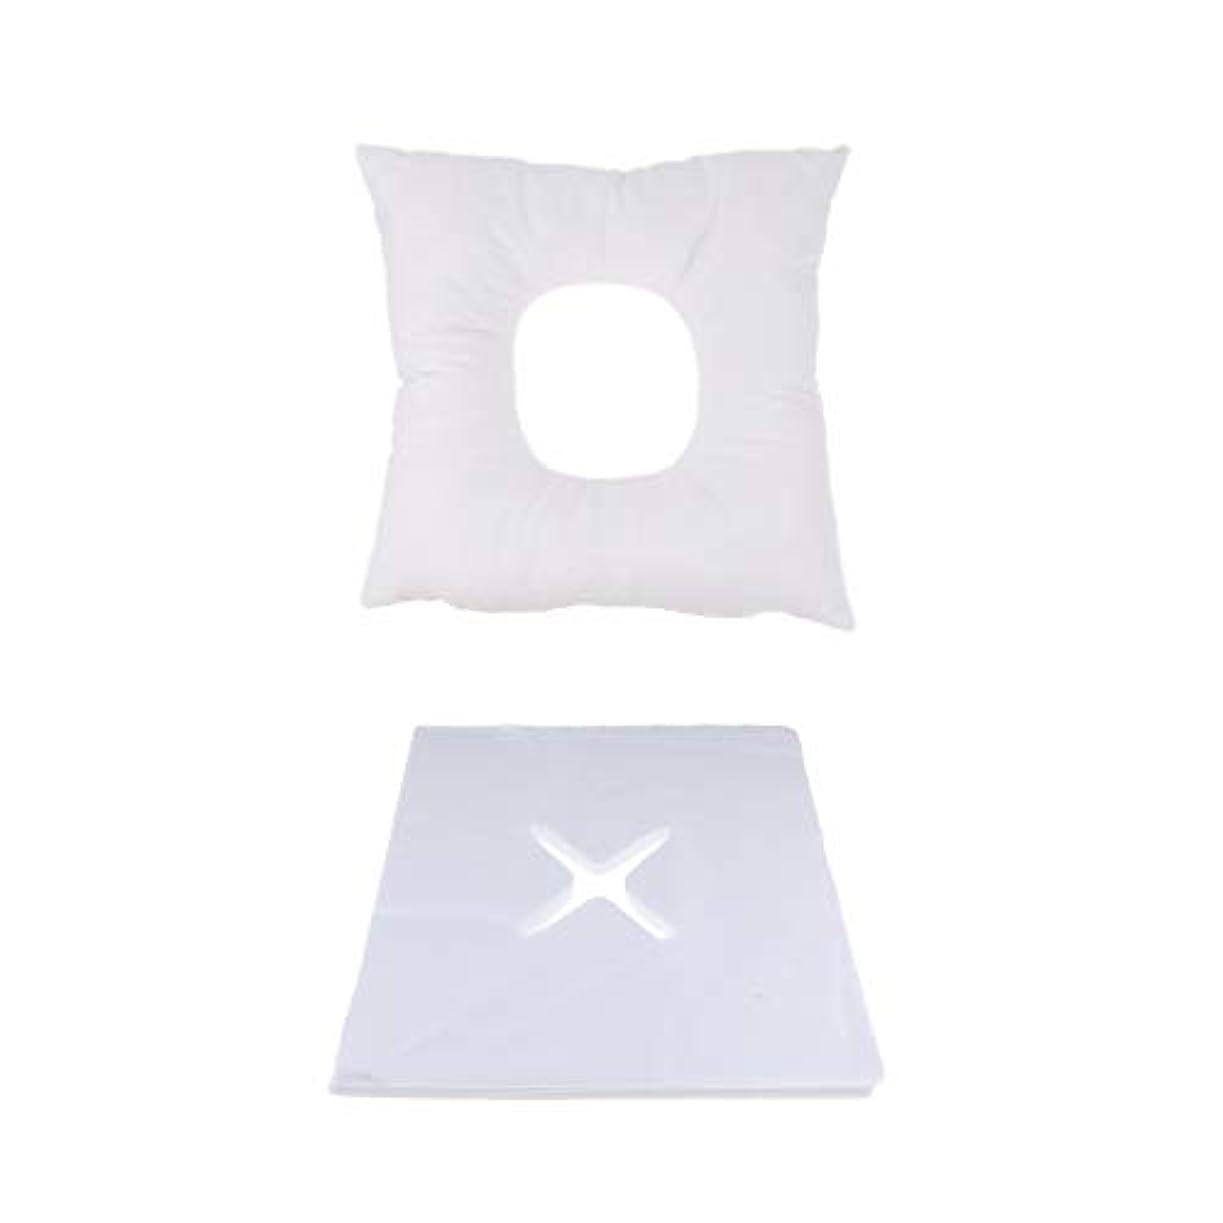 連邦非難どうやらFLAMEER マッサージ用クッション フェイスマット マッサージ枕 顔枕 200個使い捨てカバー付 快適